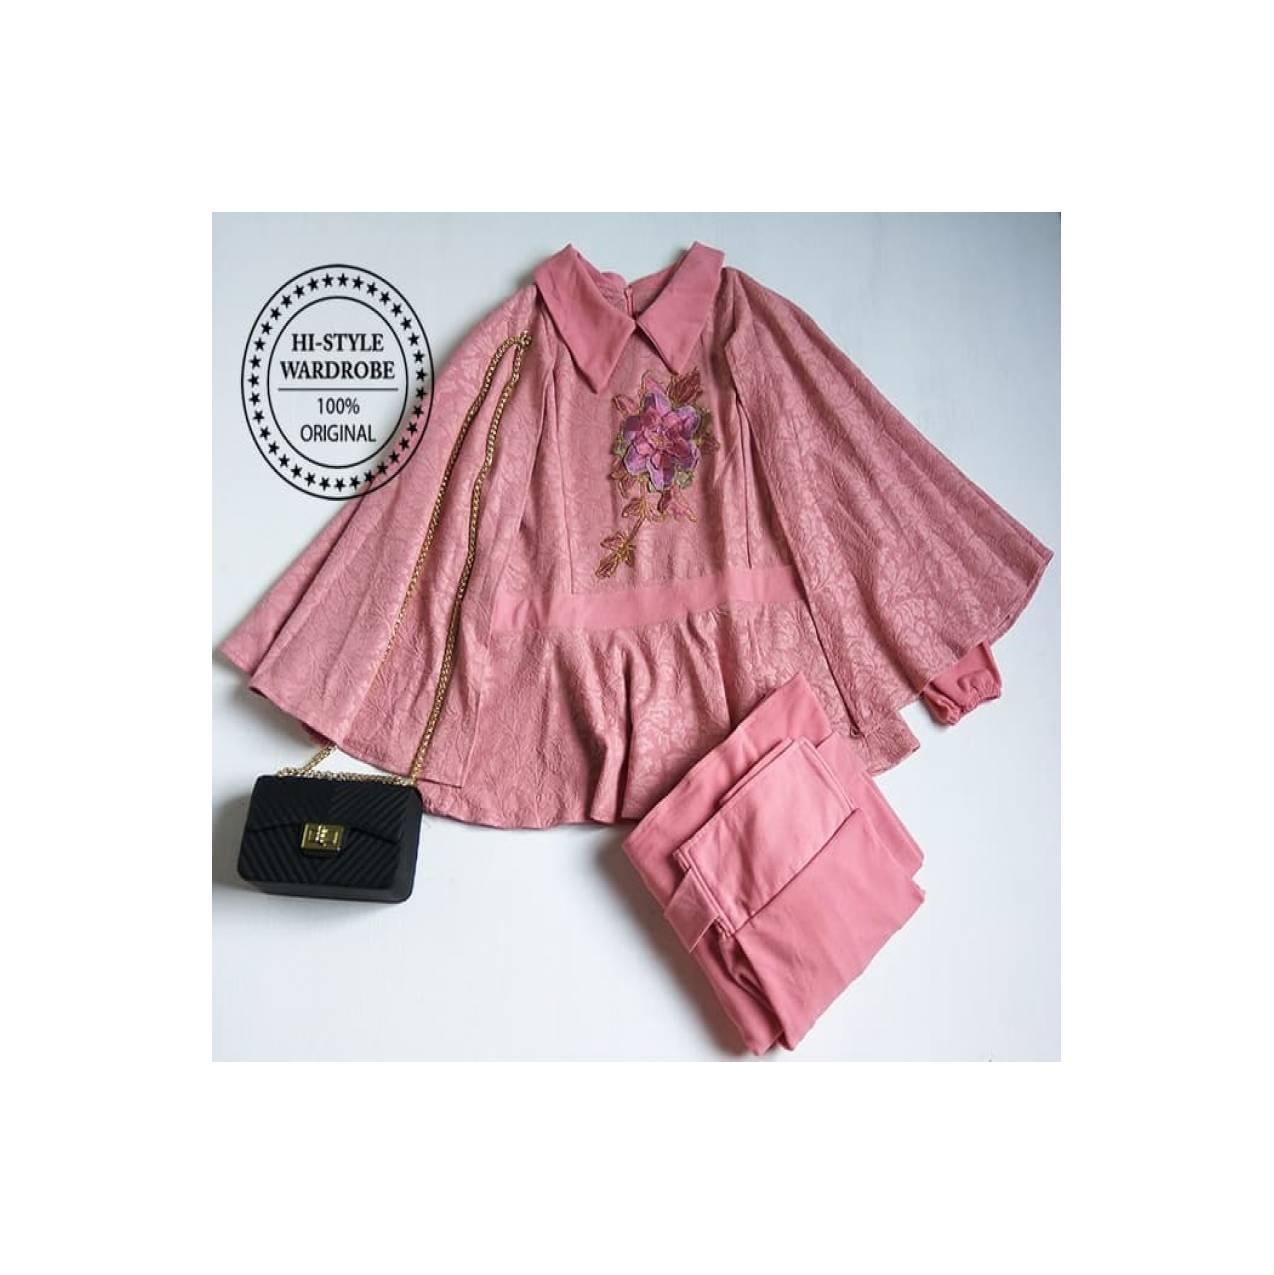 Setelan Maxi Dress Cape Mewah Elegan Baju Muslim Wanita Gamis Modern